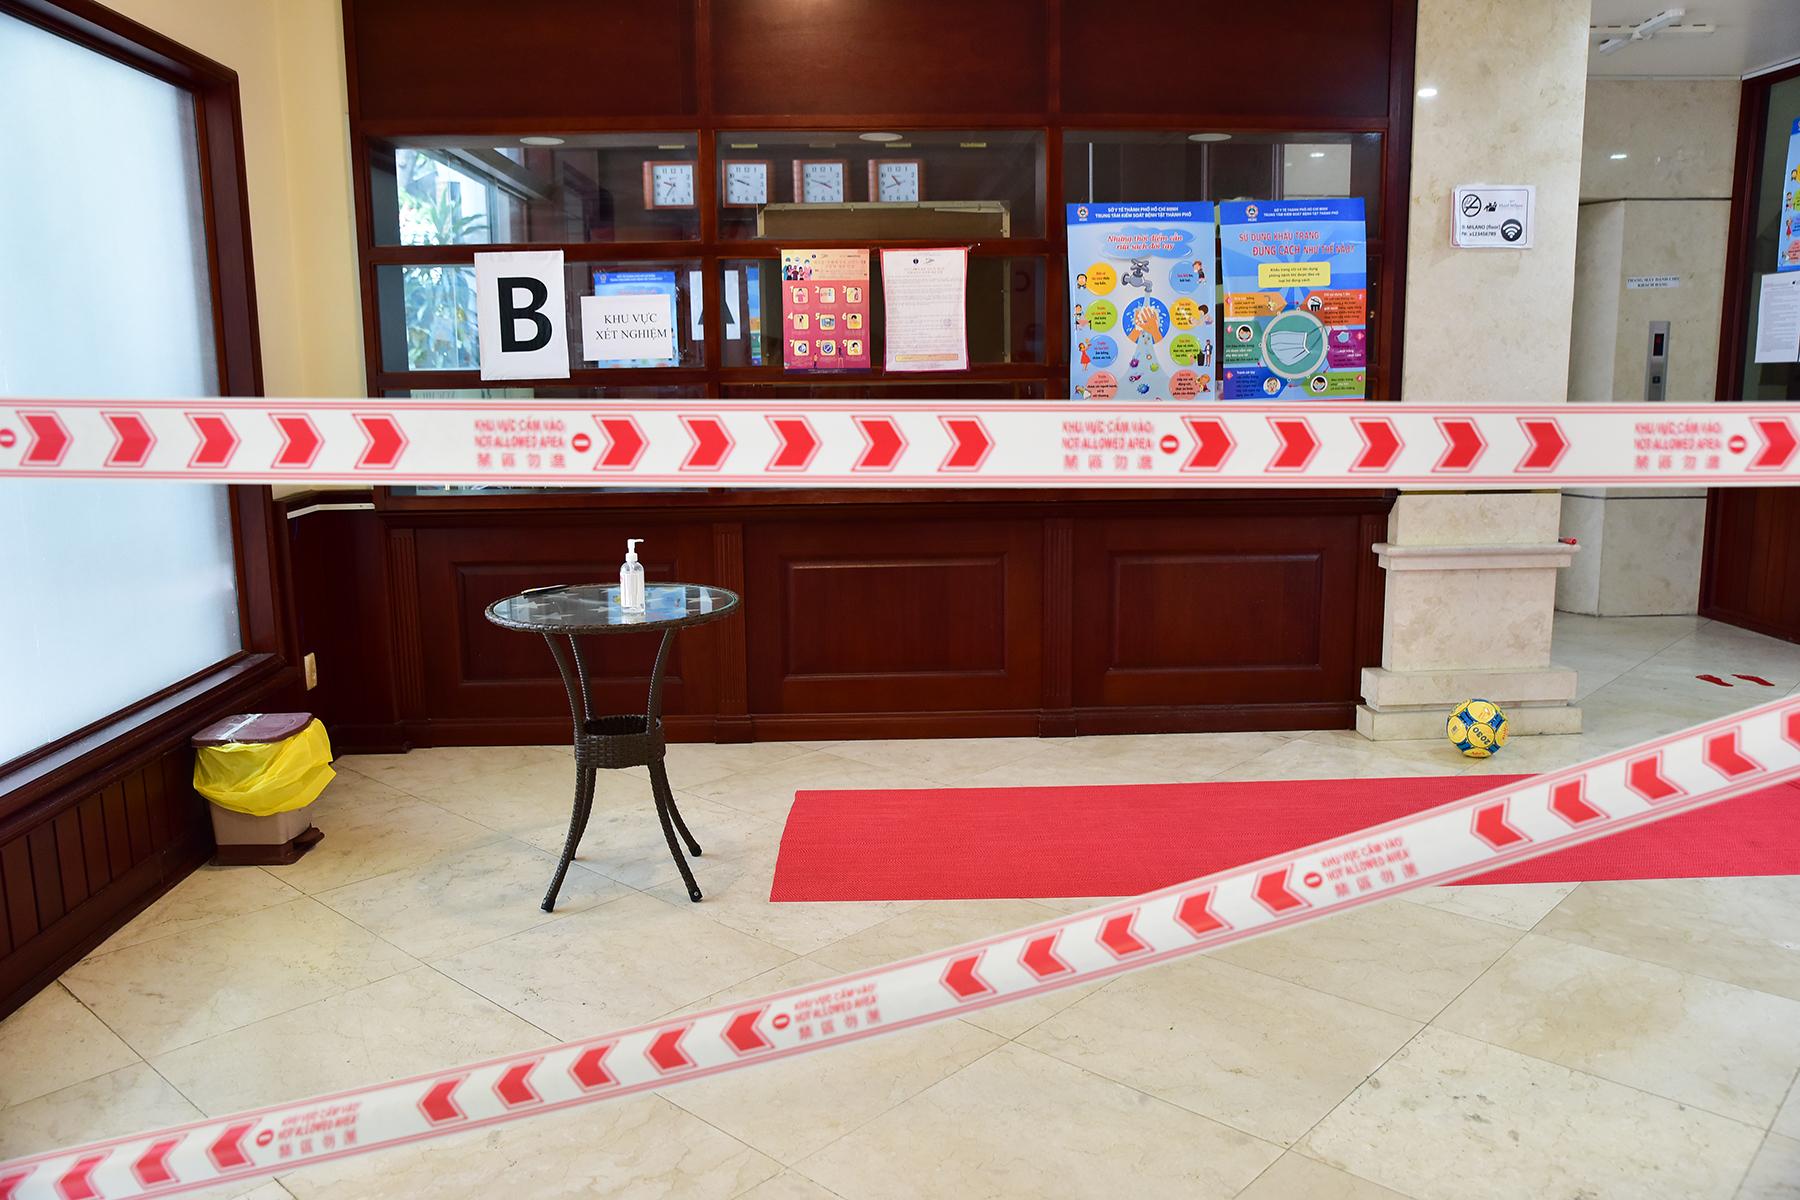 Khử khuẩn tại khu vực khách sạn nơi đội tuyển Việt Nam cách ly ở TP.HCM - 5